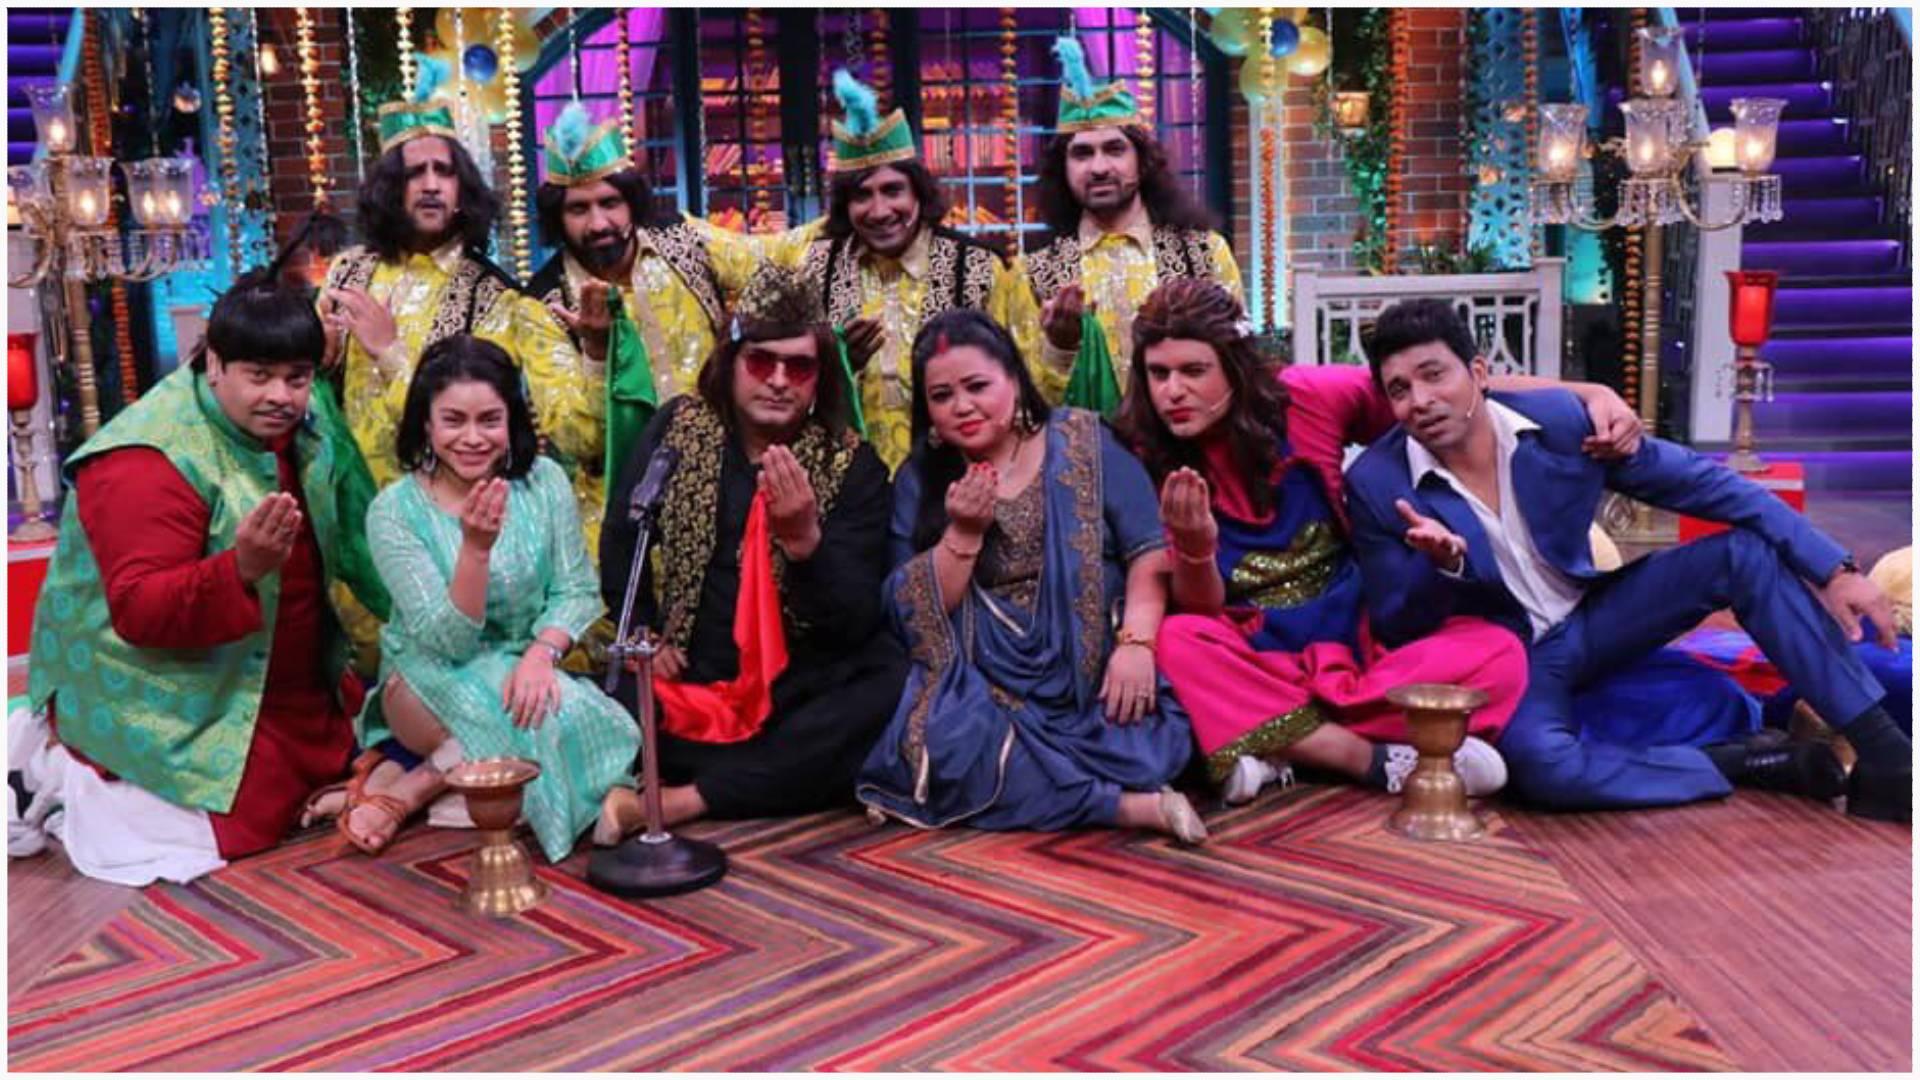 The Kapil Sharma Show: राजेश अरोड़ा-कप्पू सिंह को पीछे छोड़ कपिल शर्मा ने लिया ये नया अवतार, सामने आई पहली झलक